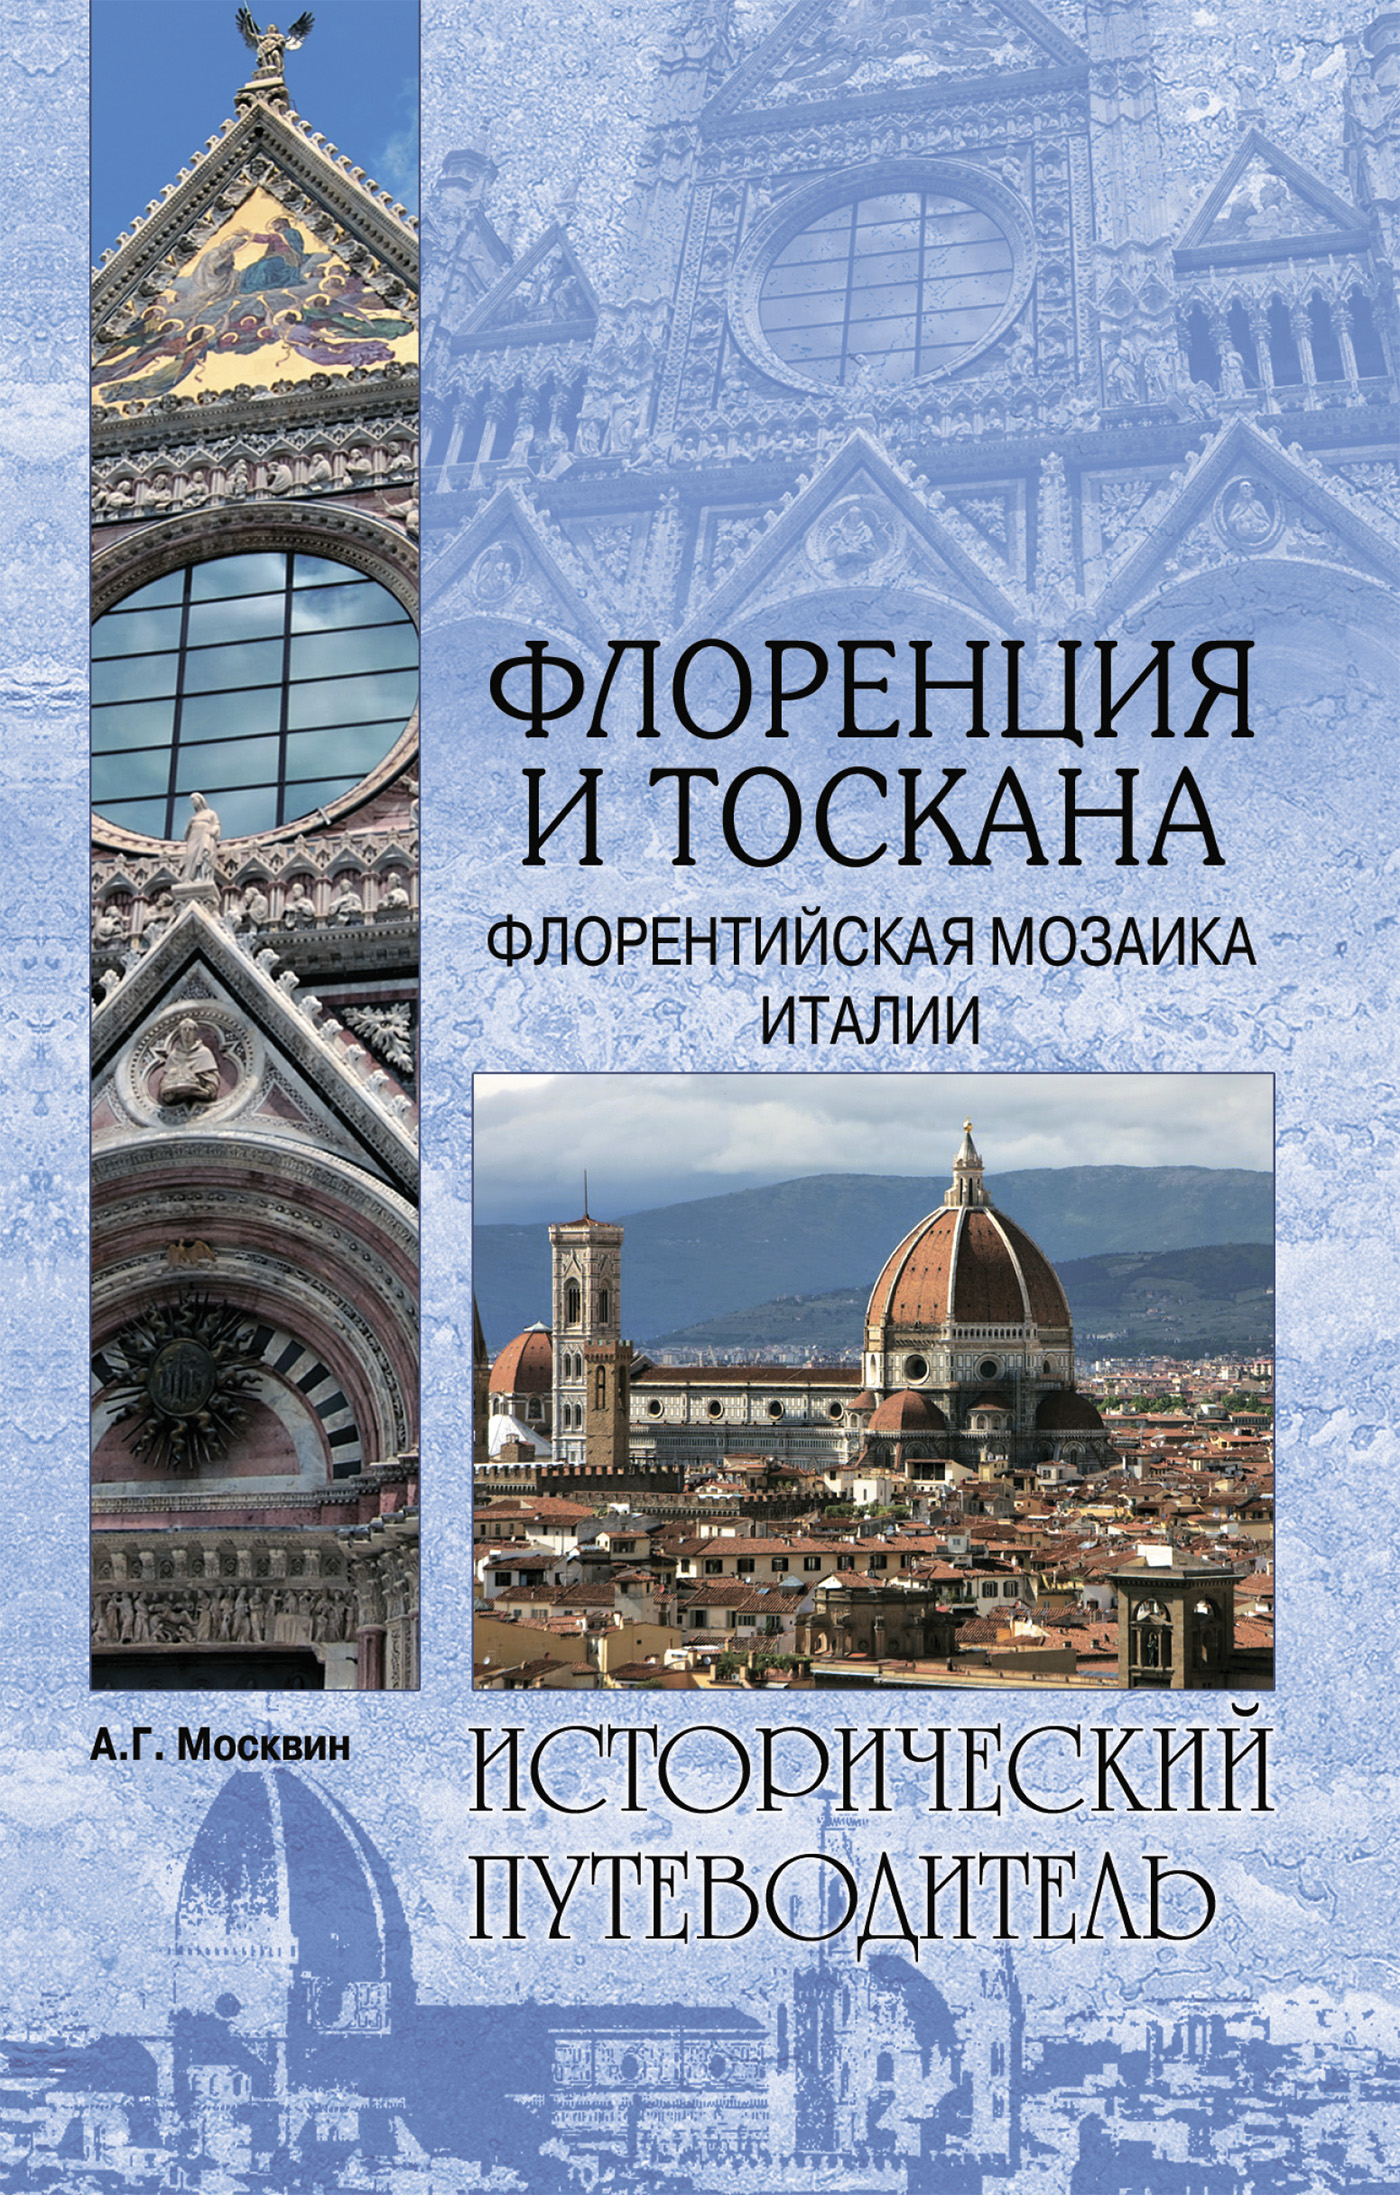 Флоренция и Тоскана. Флорентий c кая мозаика Италии